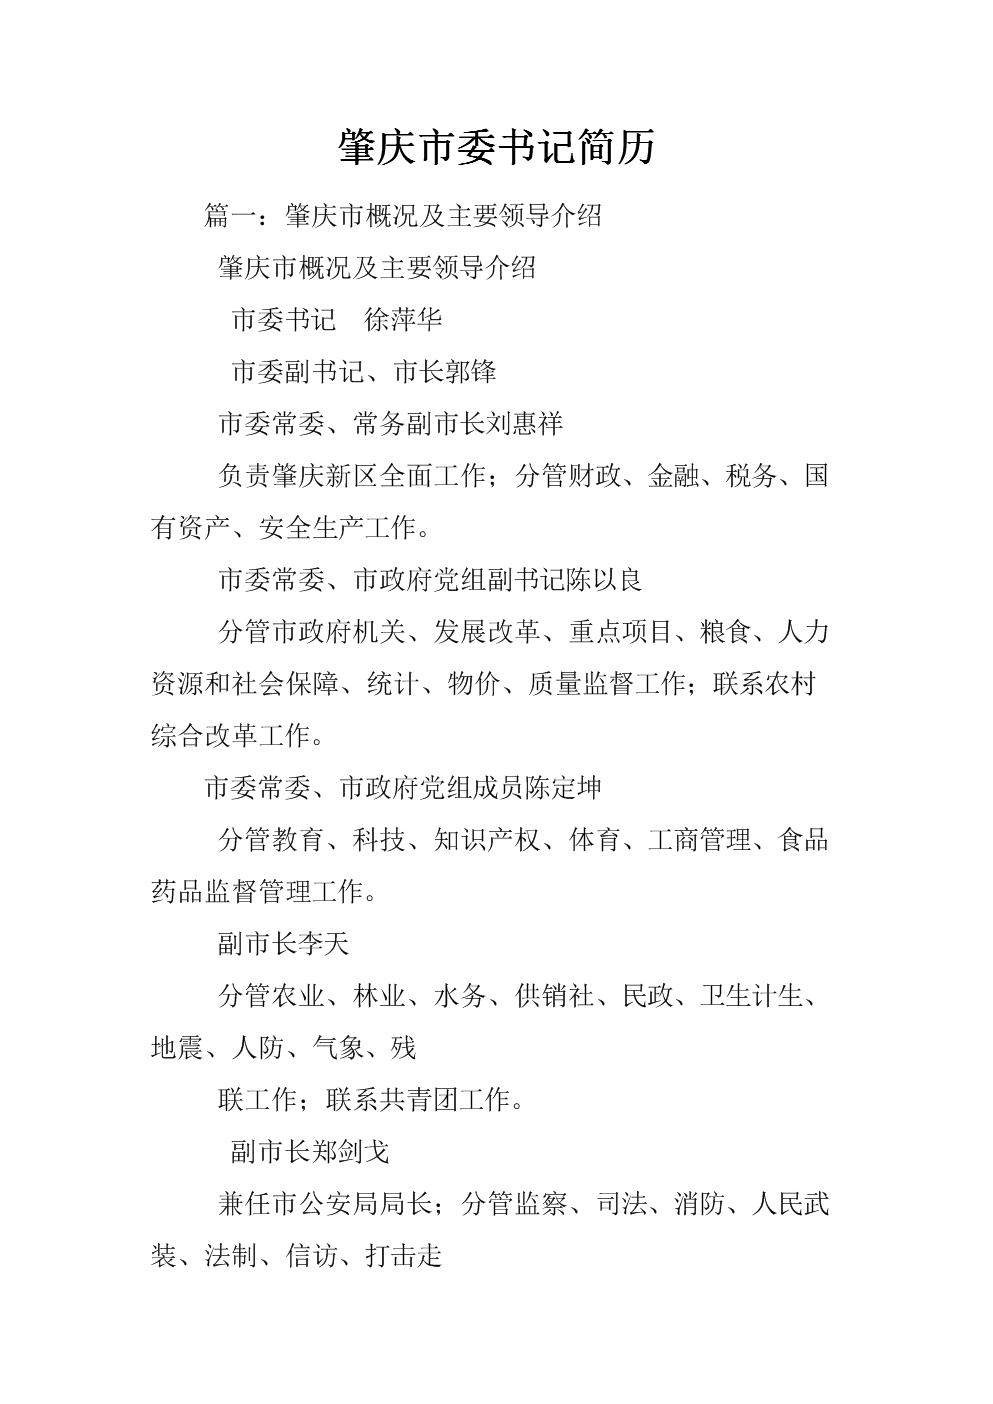 肇庆市委书记简历.docx